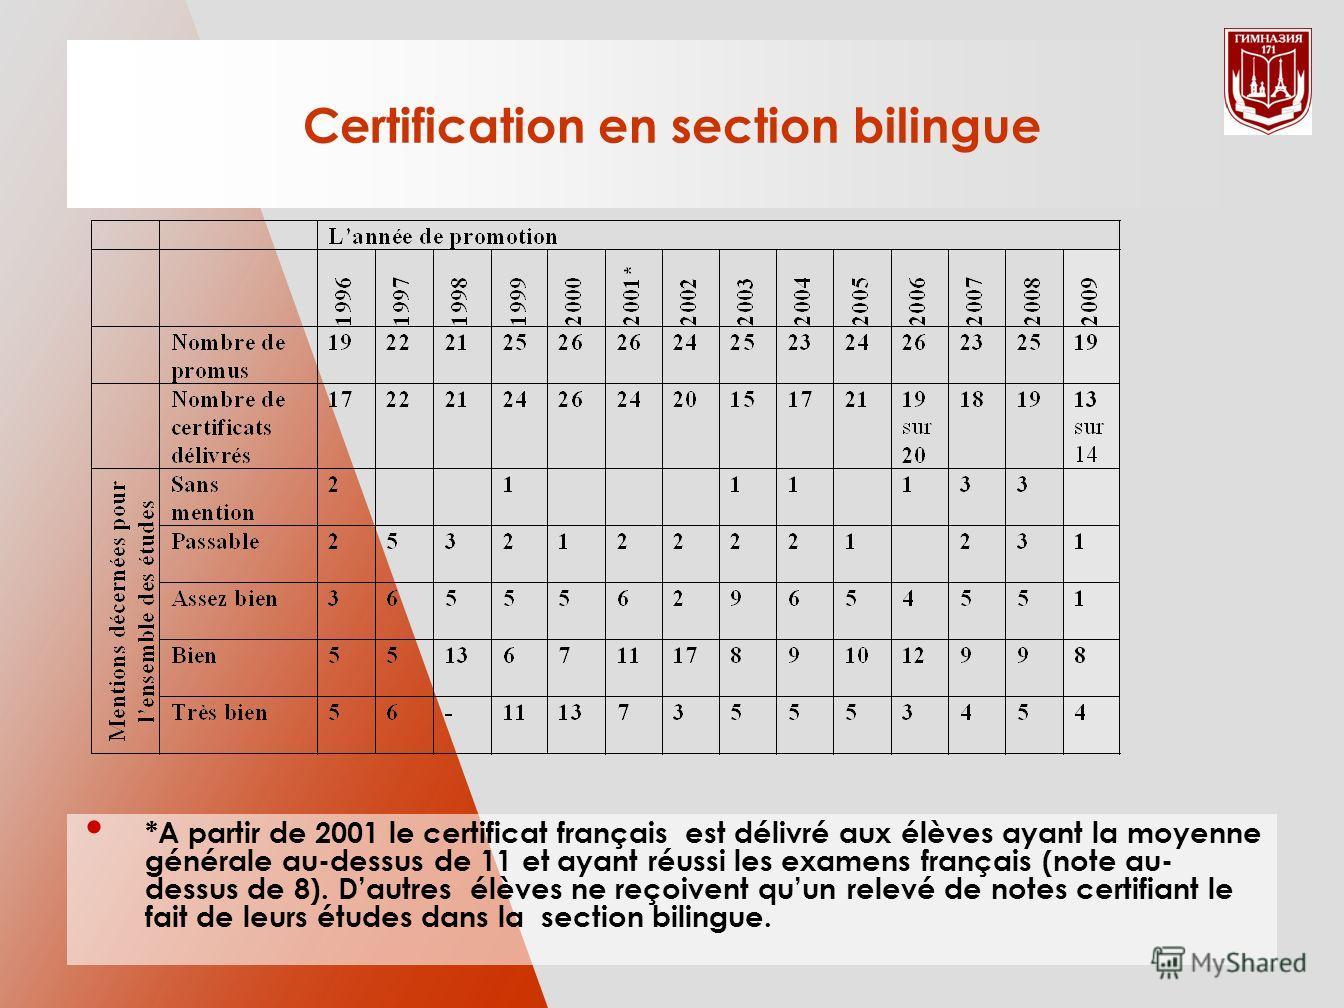 Certification en section bilingue *A partir de 2001 le certificat français est délivré aux élèves ayant la moyenne générale au-dessus de 11 et ayant réussi les examens français (note au- dessus de 8). Dautres élèves ne reçoivent quun relevé de notes